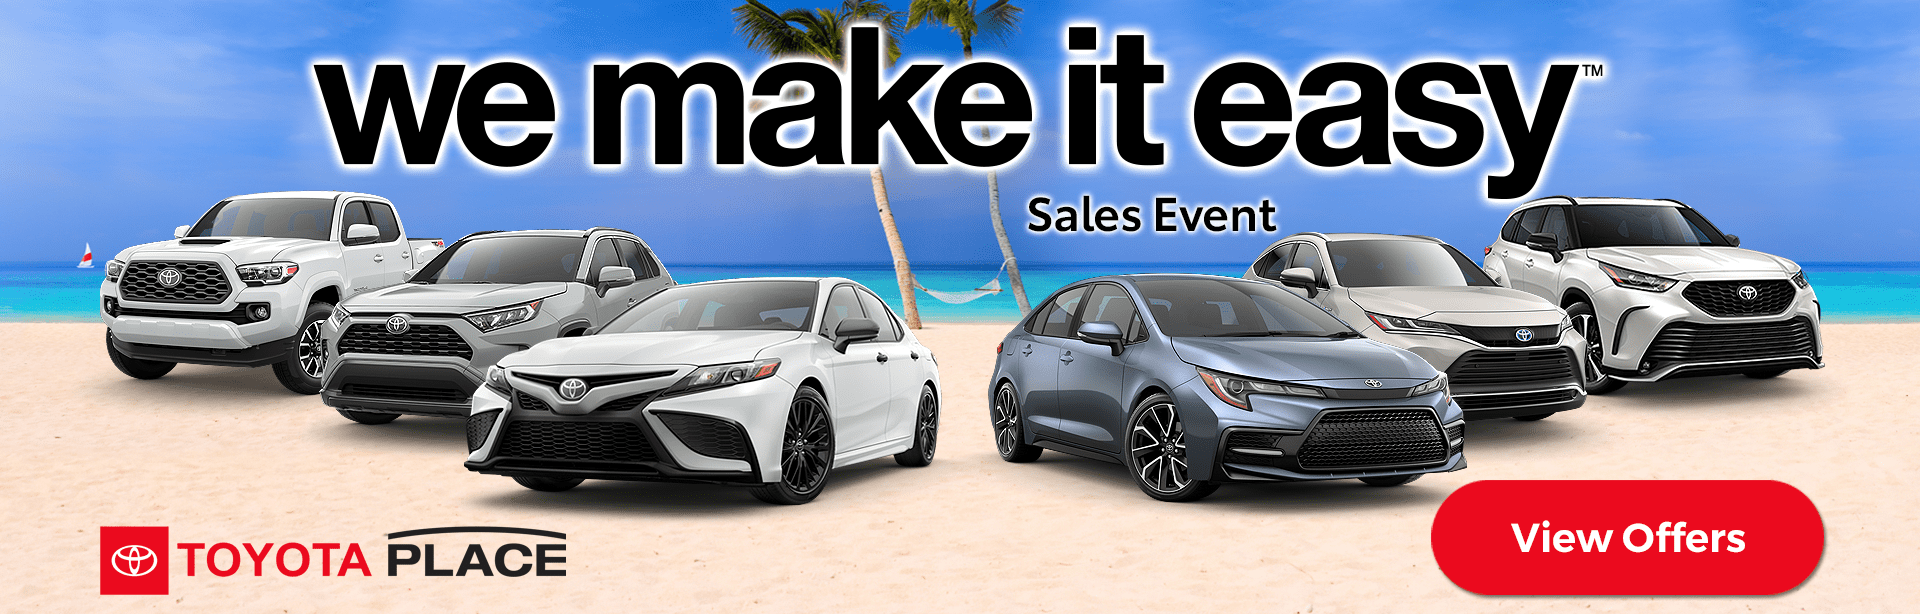 2021_June_WeMakeitEasy_Sales_Event